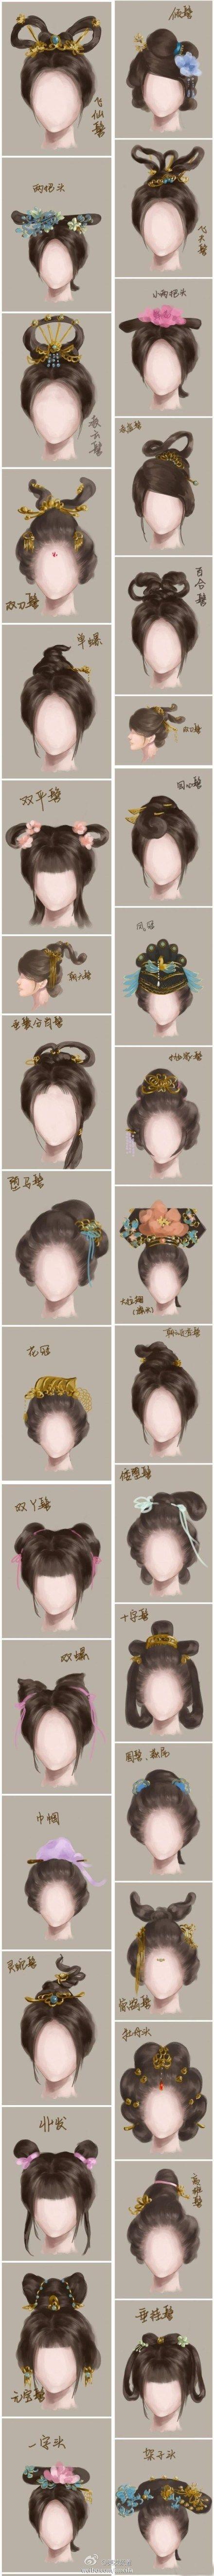 手绘版古代女子发型大全,How to Draw Hair Women's Hair - , Art Student Resources for CAPI ::: Create Art Portfolio Ideas at milliande.com , Art School Portfolio Work, Hair Styles, Girls, Drawing, Sketching